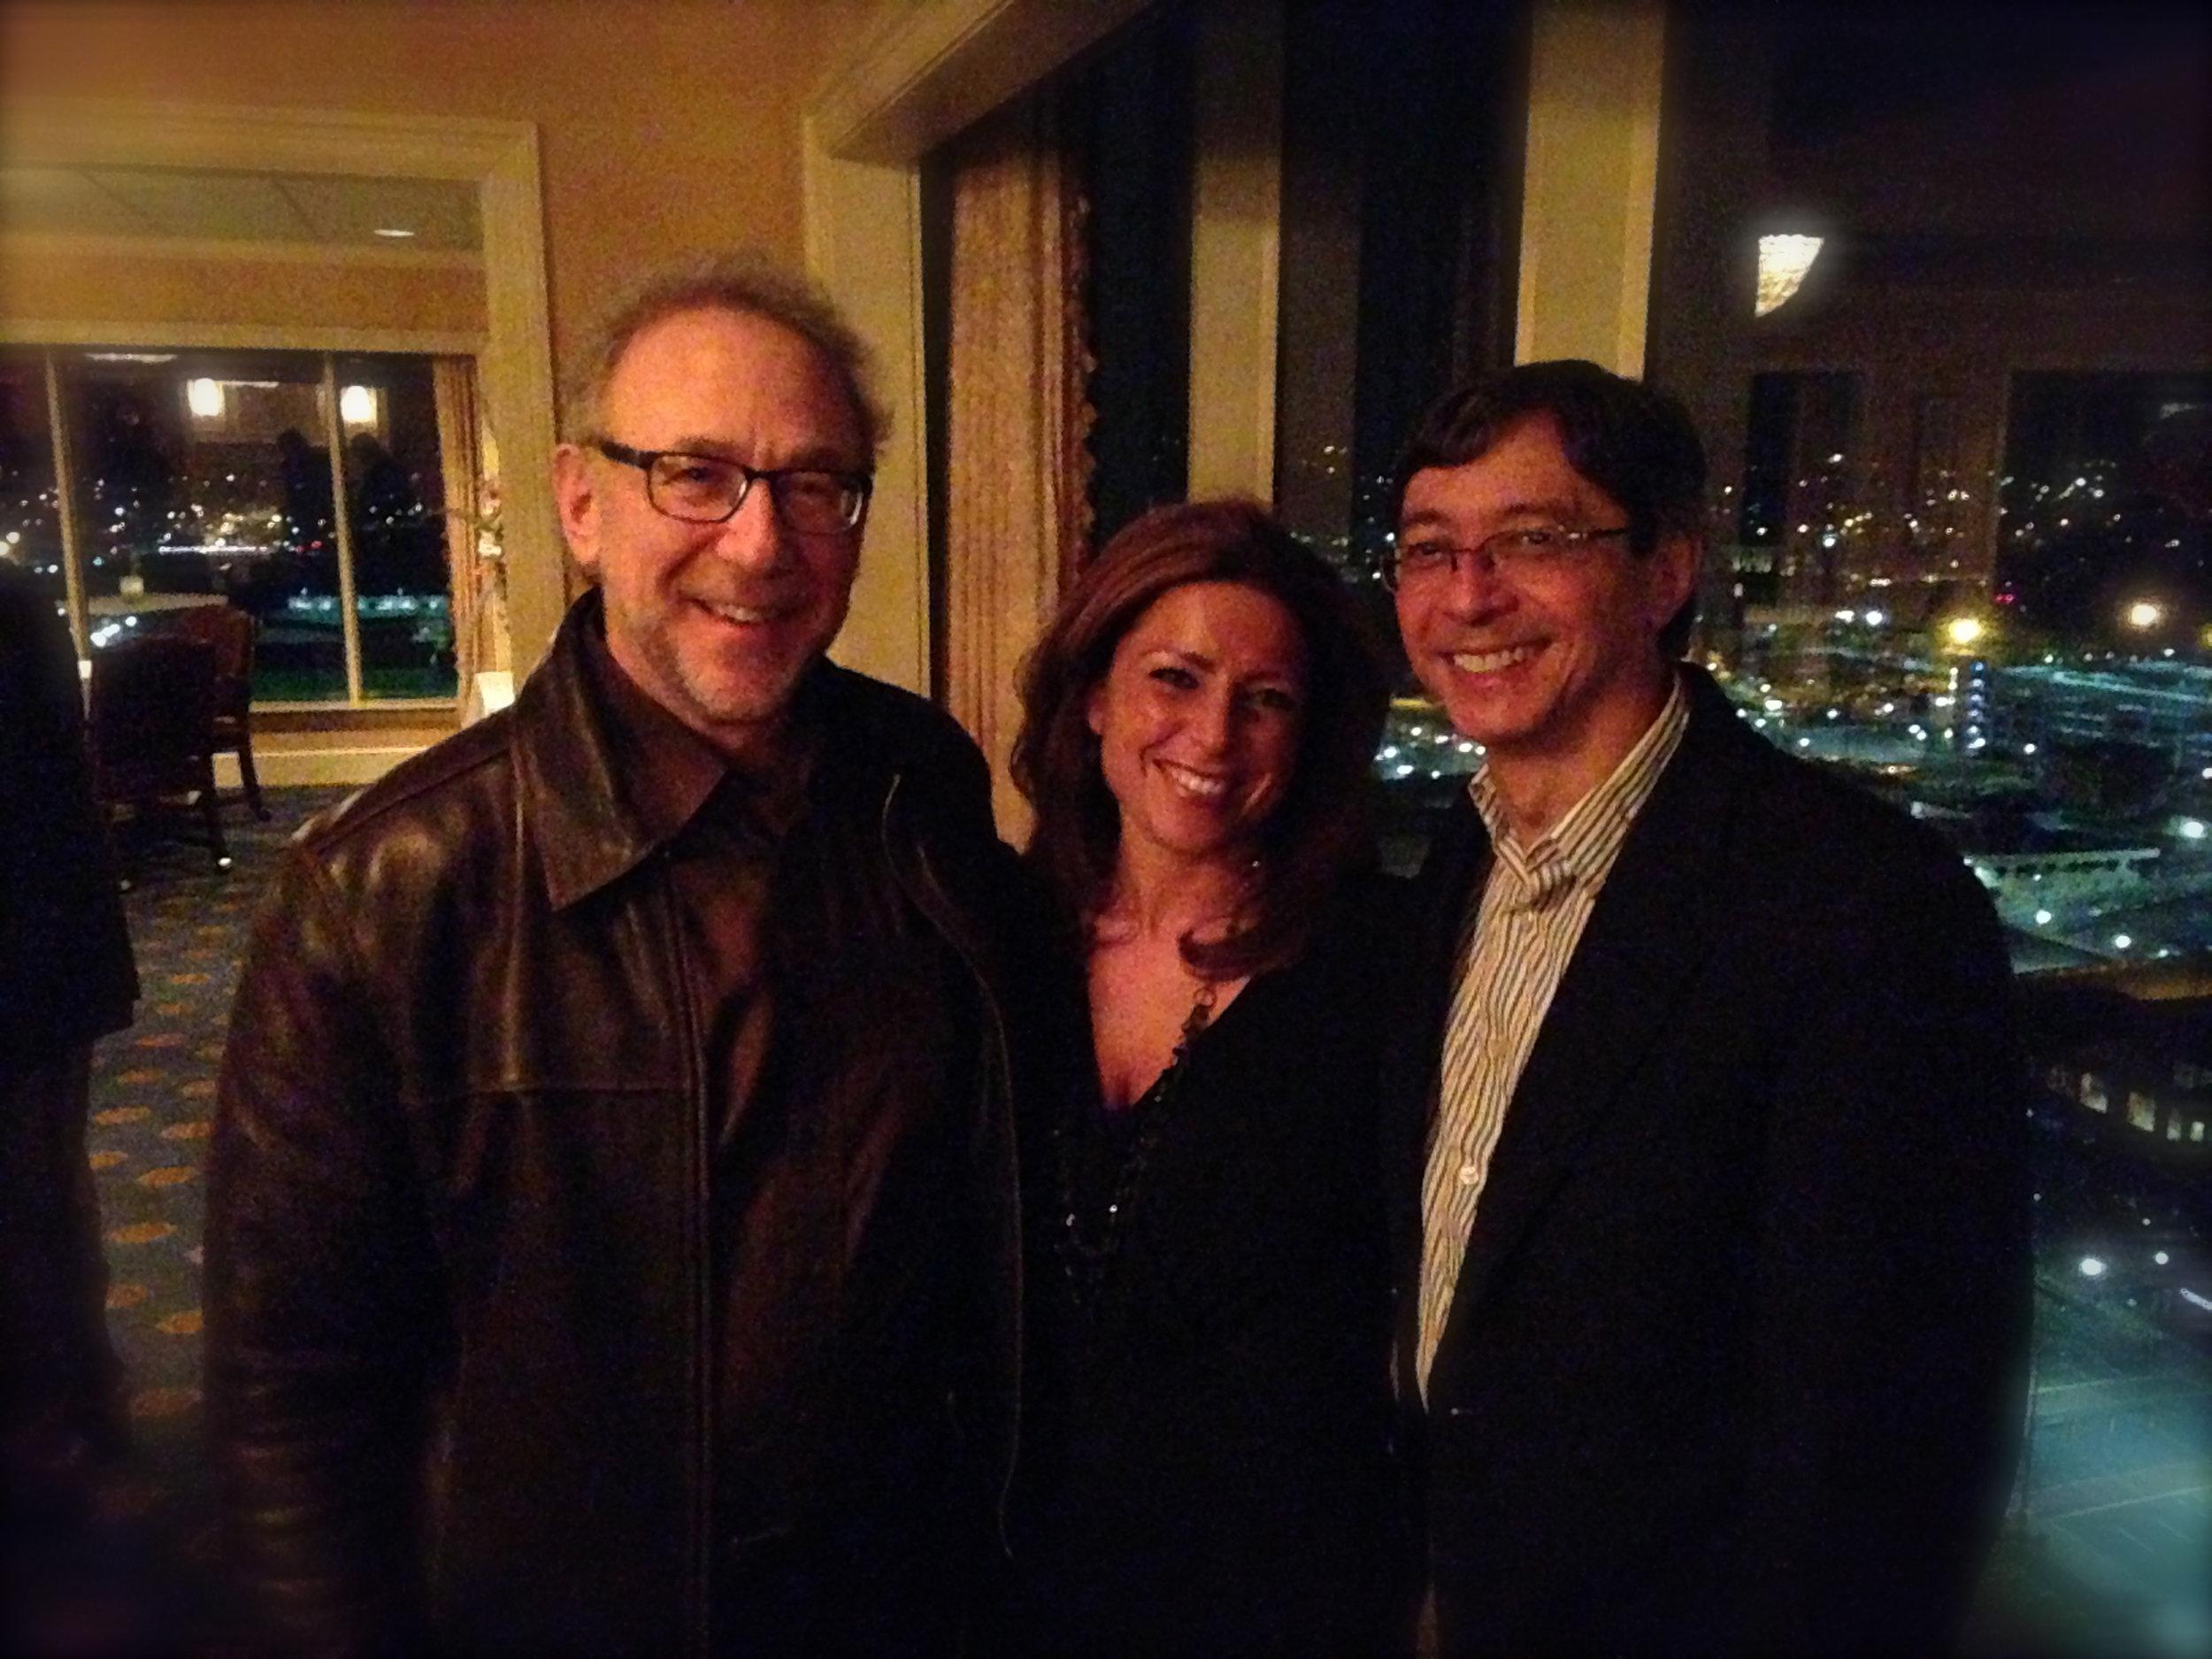 Mentor, teacher, and friend Bob Bernhardt and Peter Bay